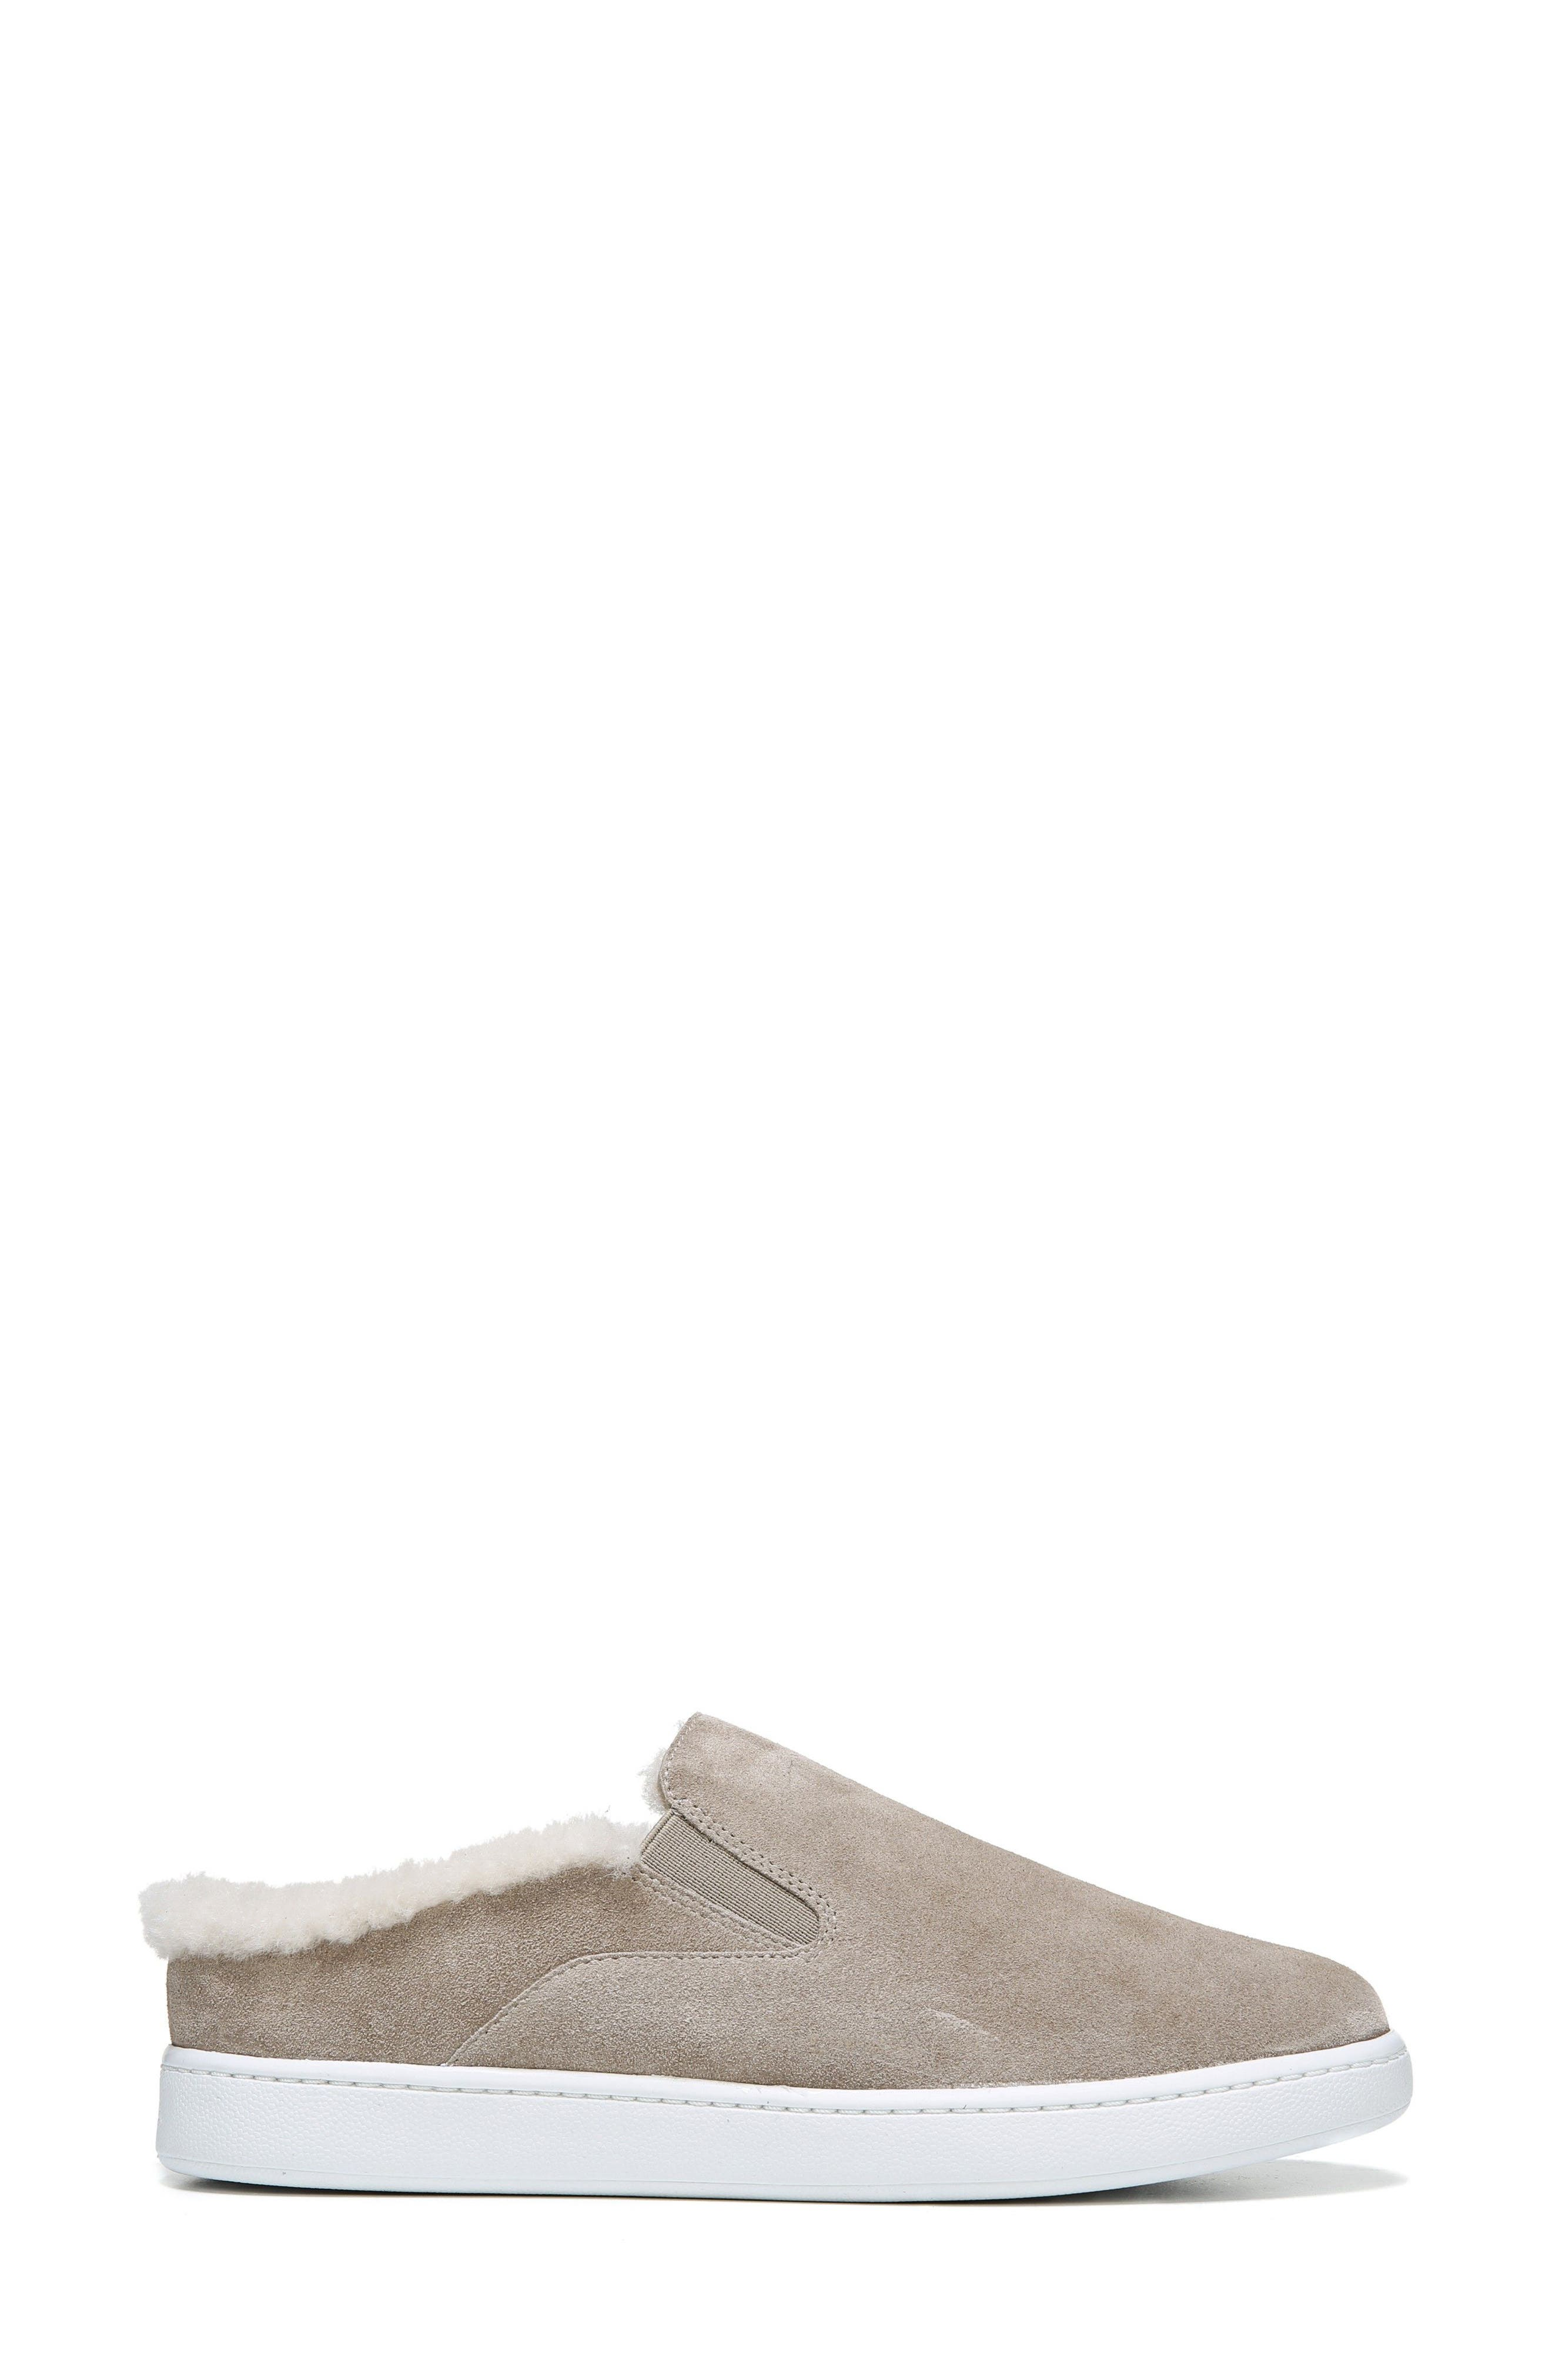 Alternate Image 3  - Vince Verrell Slip-On Sneaker (Women)